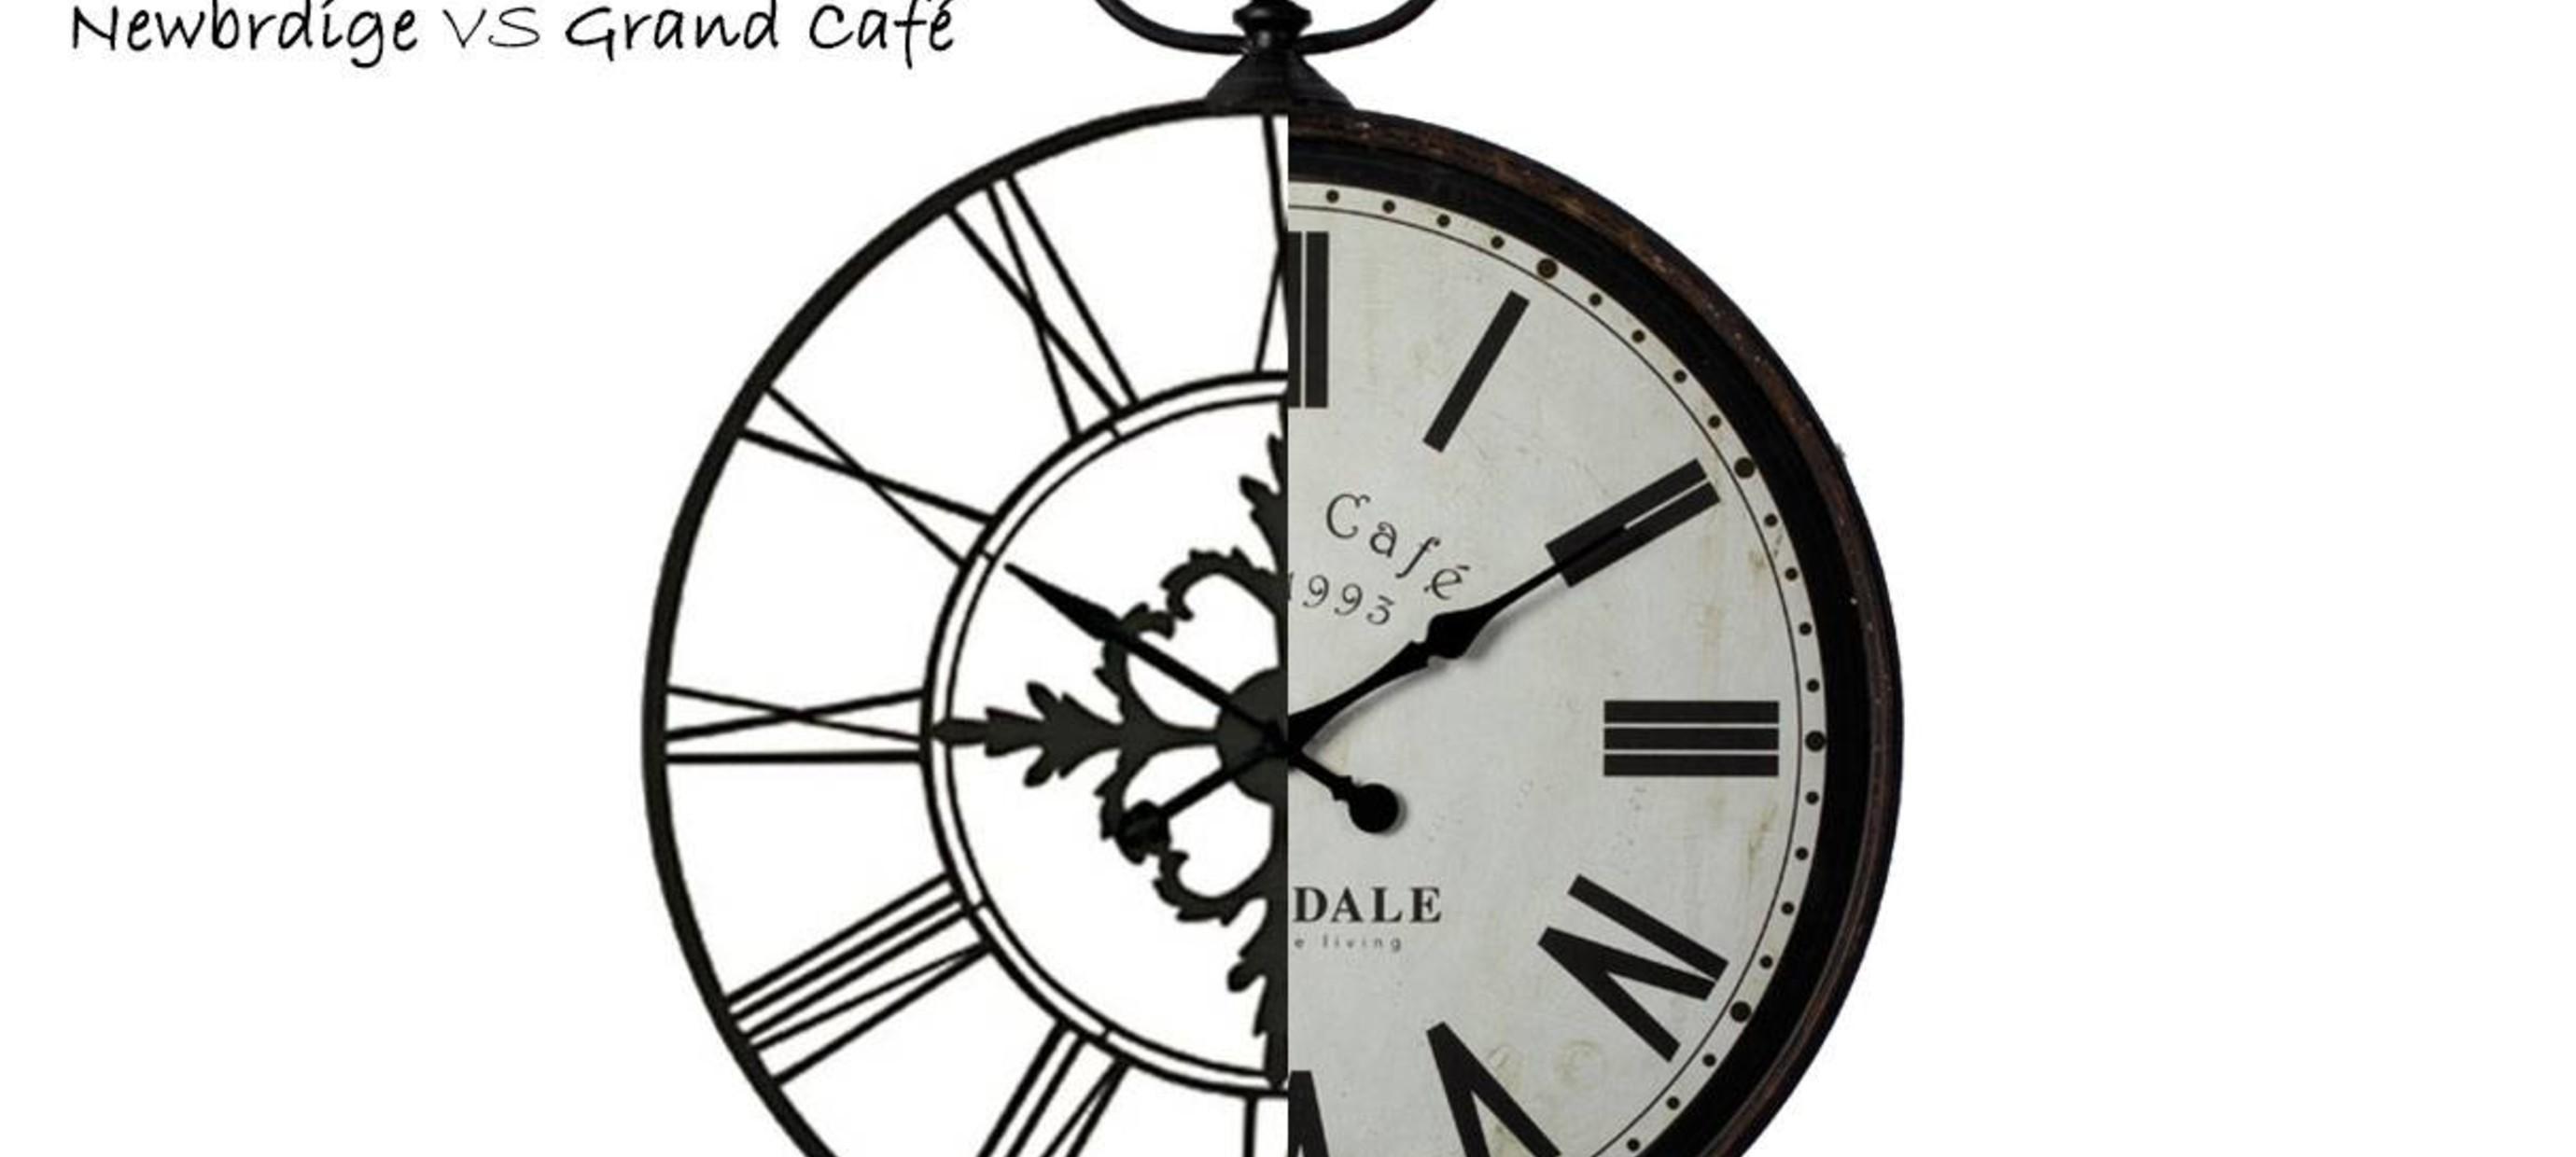 Verschillen tussen de Newbridge en de Grand café klokken